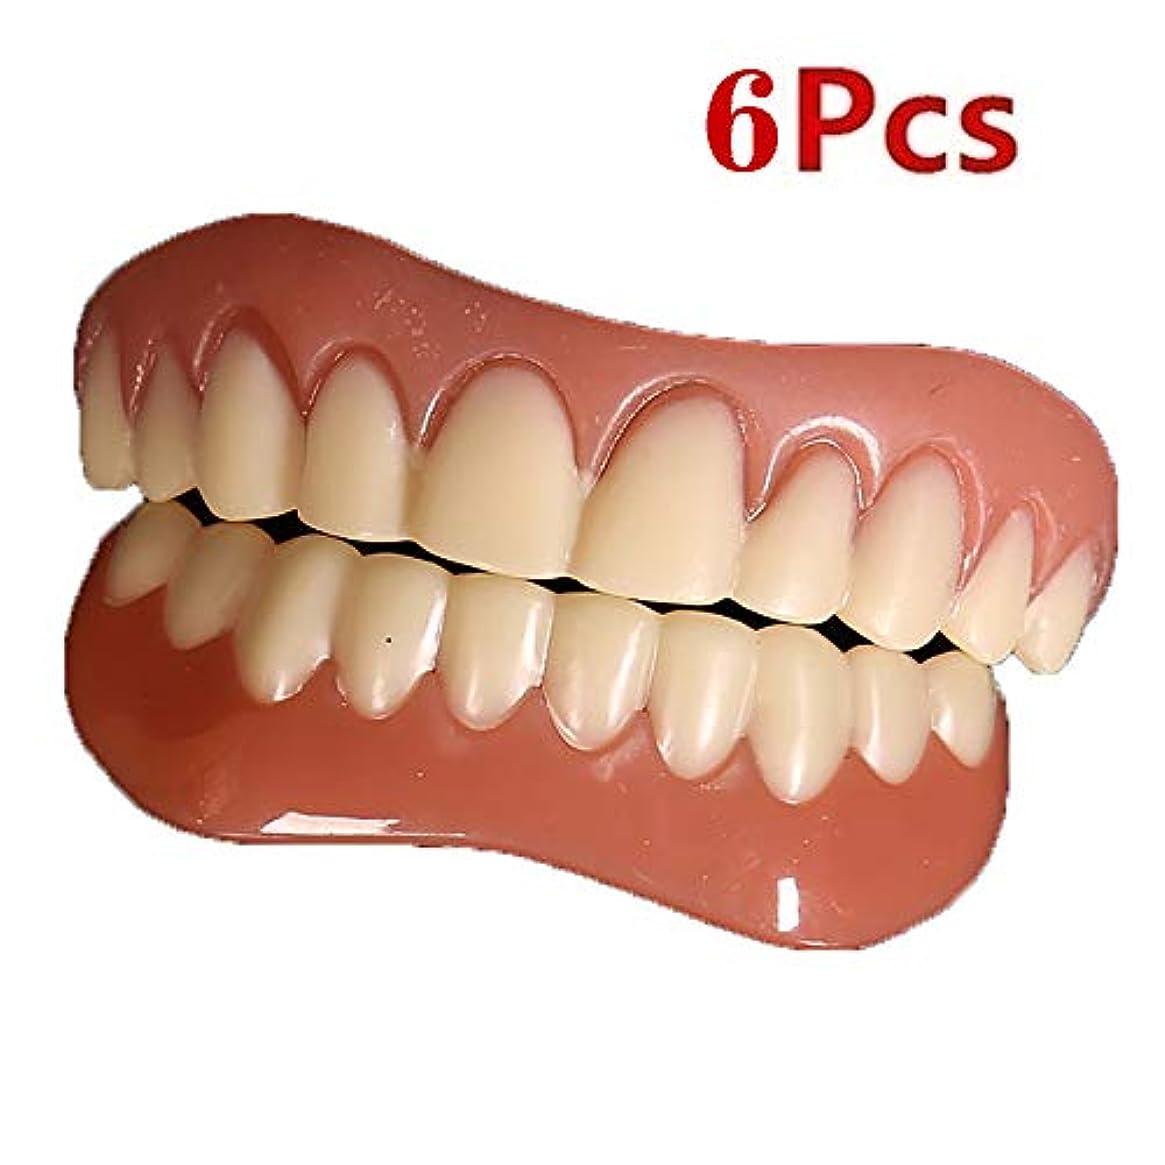 プレビュー驚くばかりコントラスト即時の微笑の歯の上部のより低いベニヤの慰めの適合の歯のベニヤ、歯科ベニヤの慰めの適合の歯の上の化粧品のベニヤワンサイズはすべての義歯の接着剤の歯に入れます